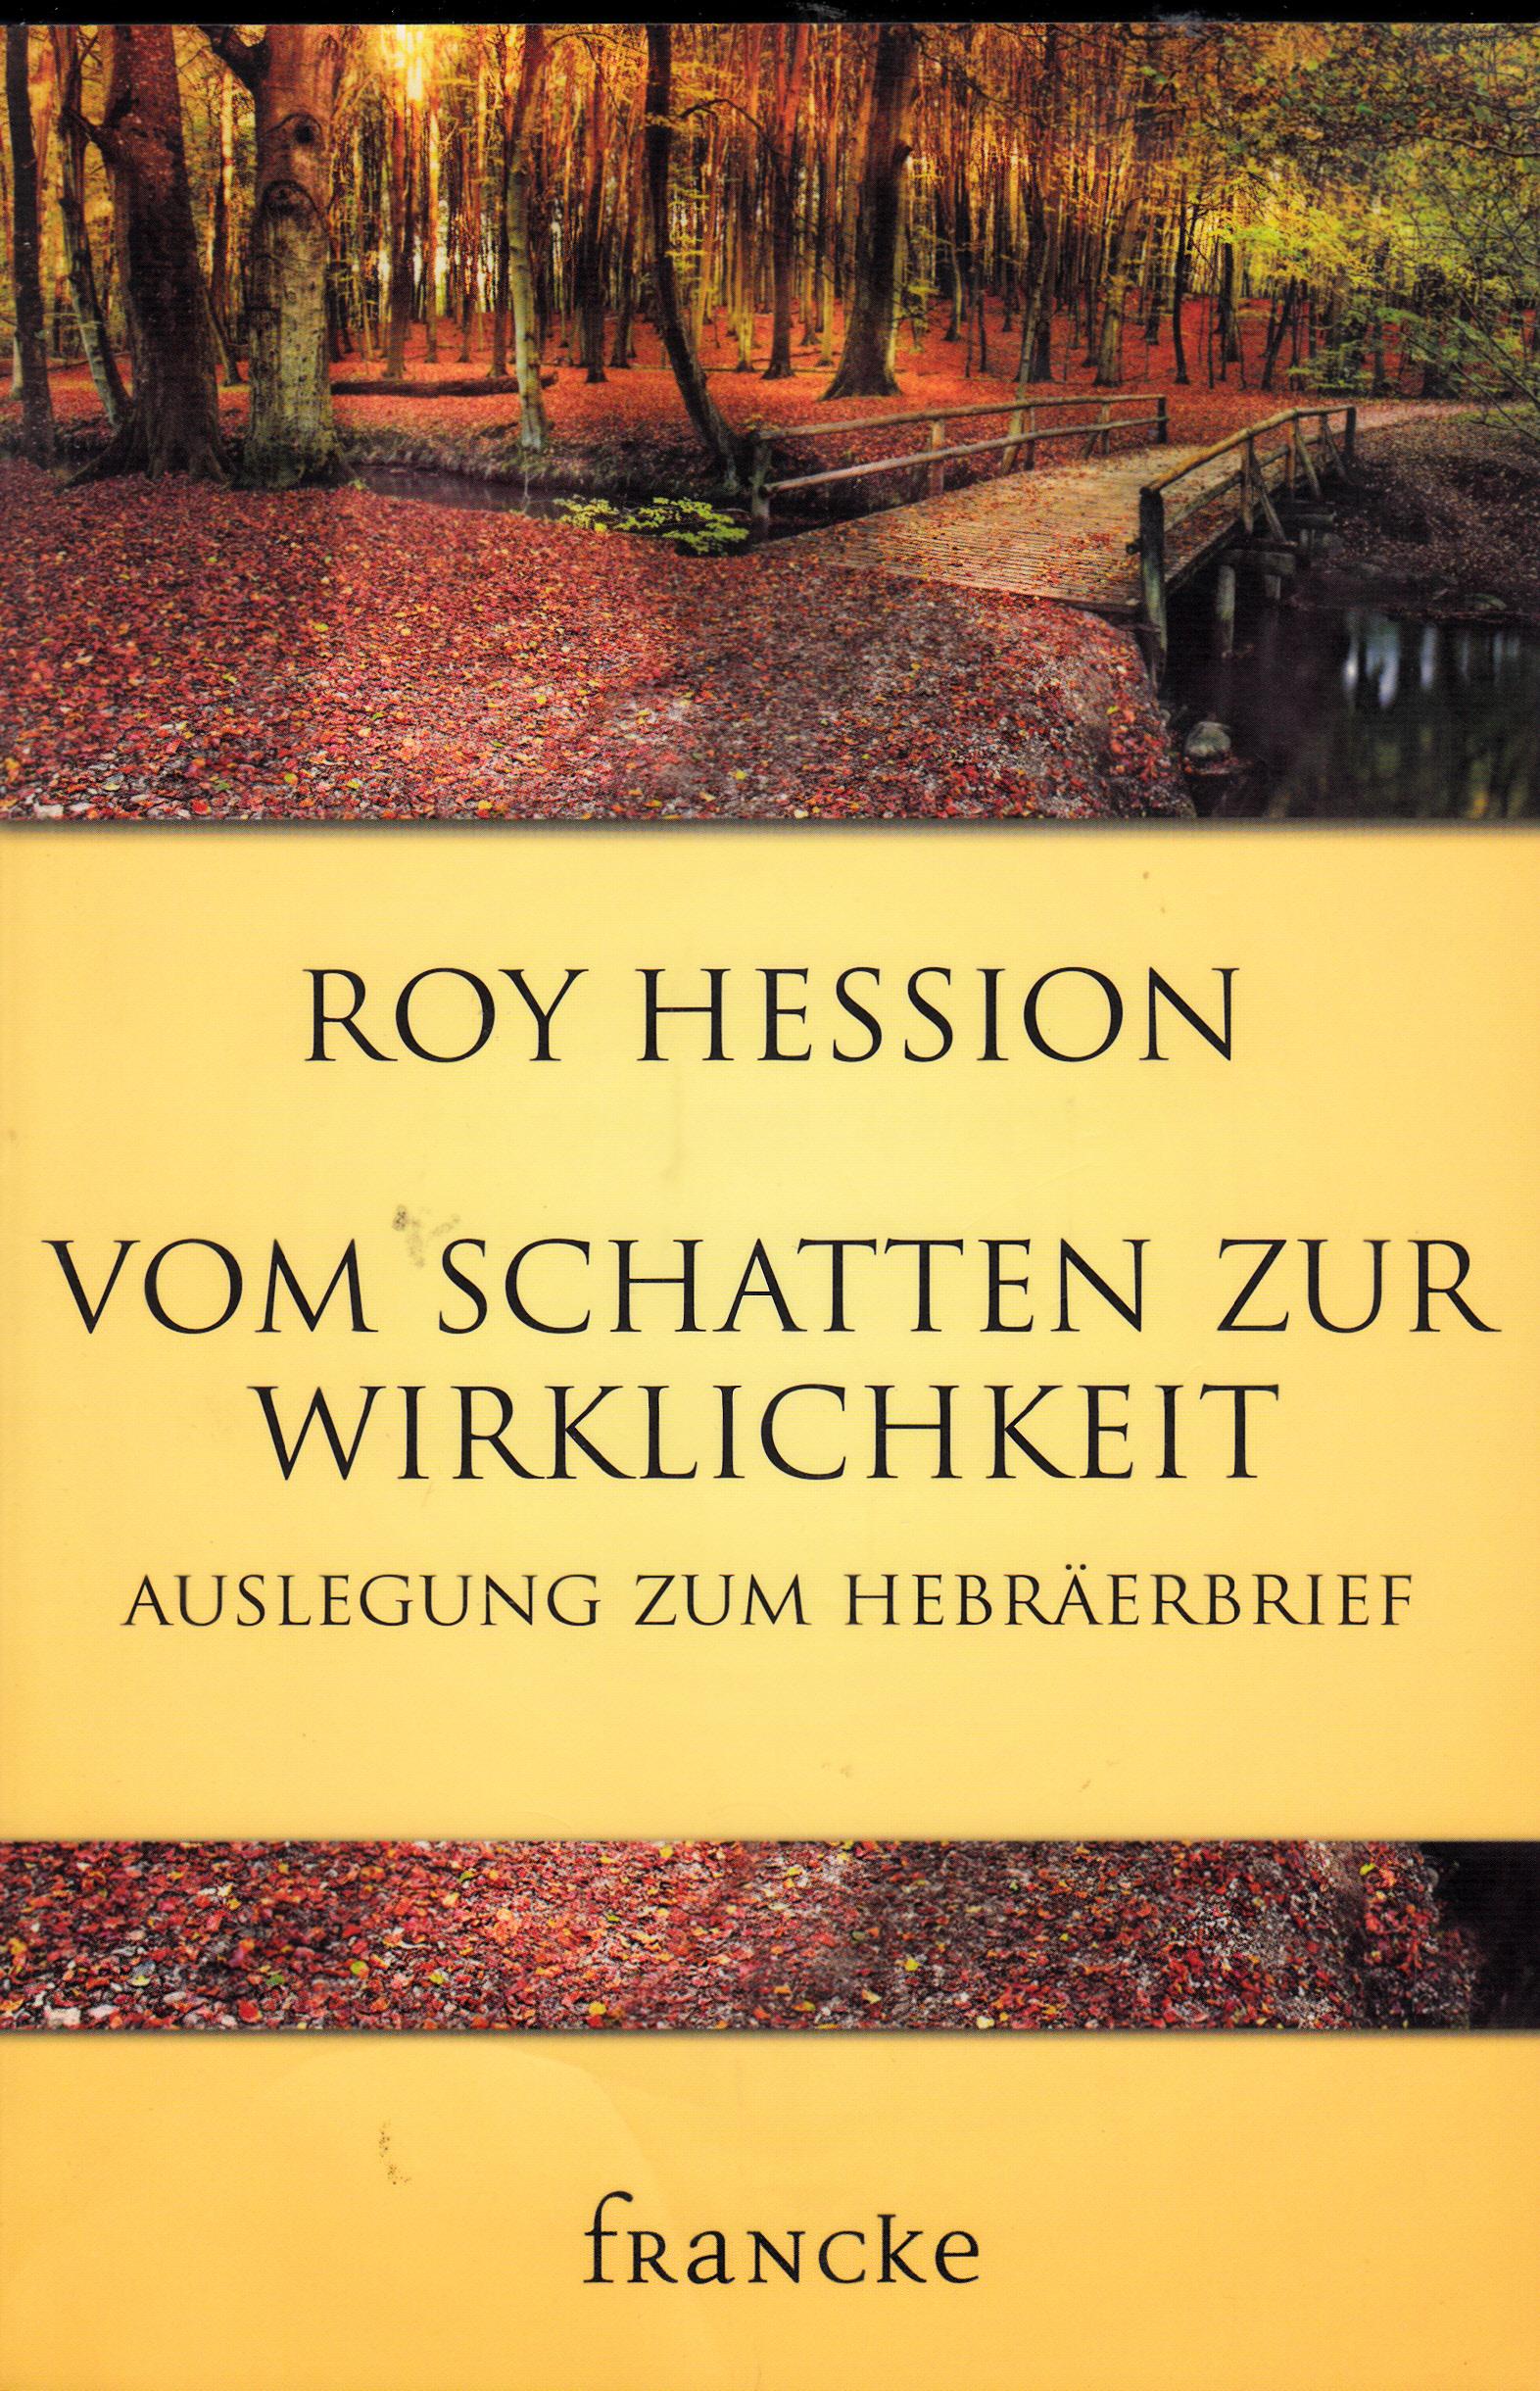 Vom Schatten zur WIrklichkeit - Auslegung zum Hebräerbrief      Roy Hession